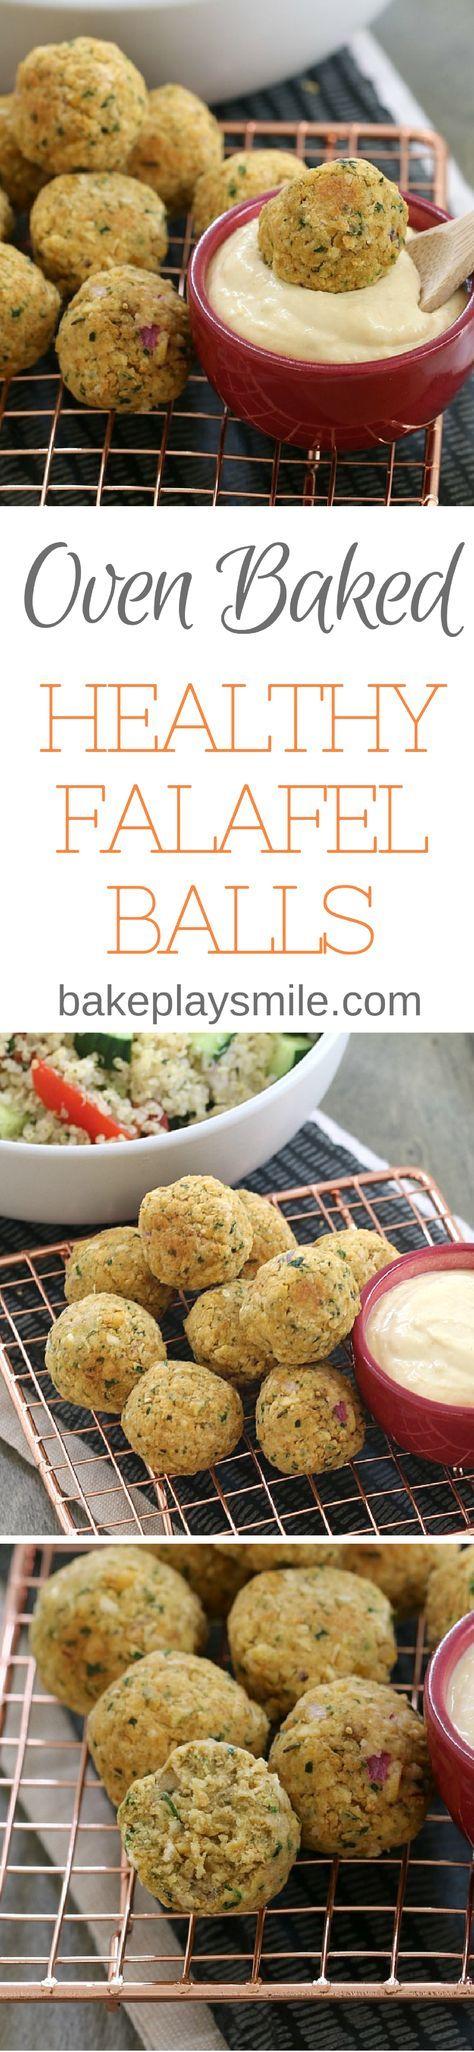 Oven Baked Falafel Balls.